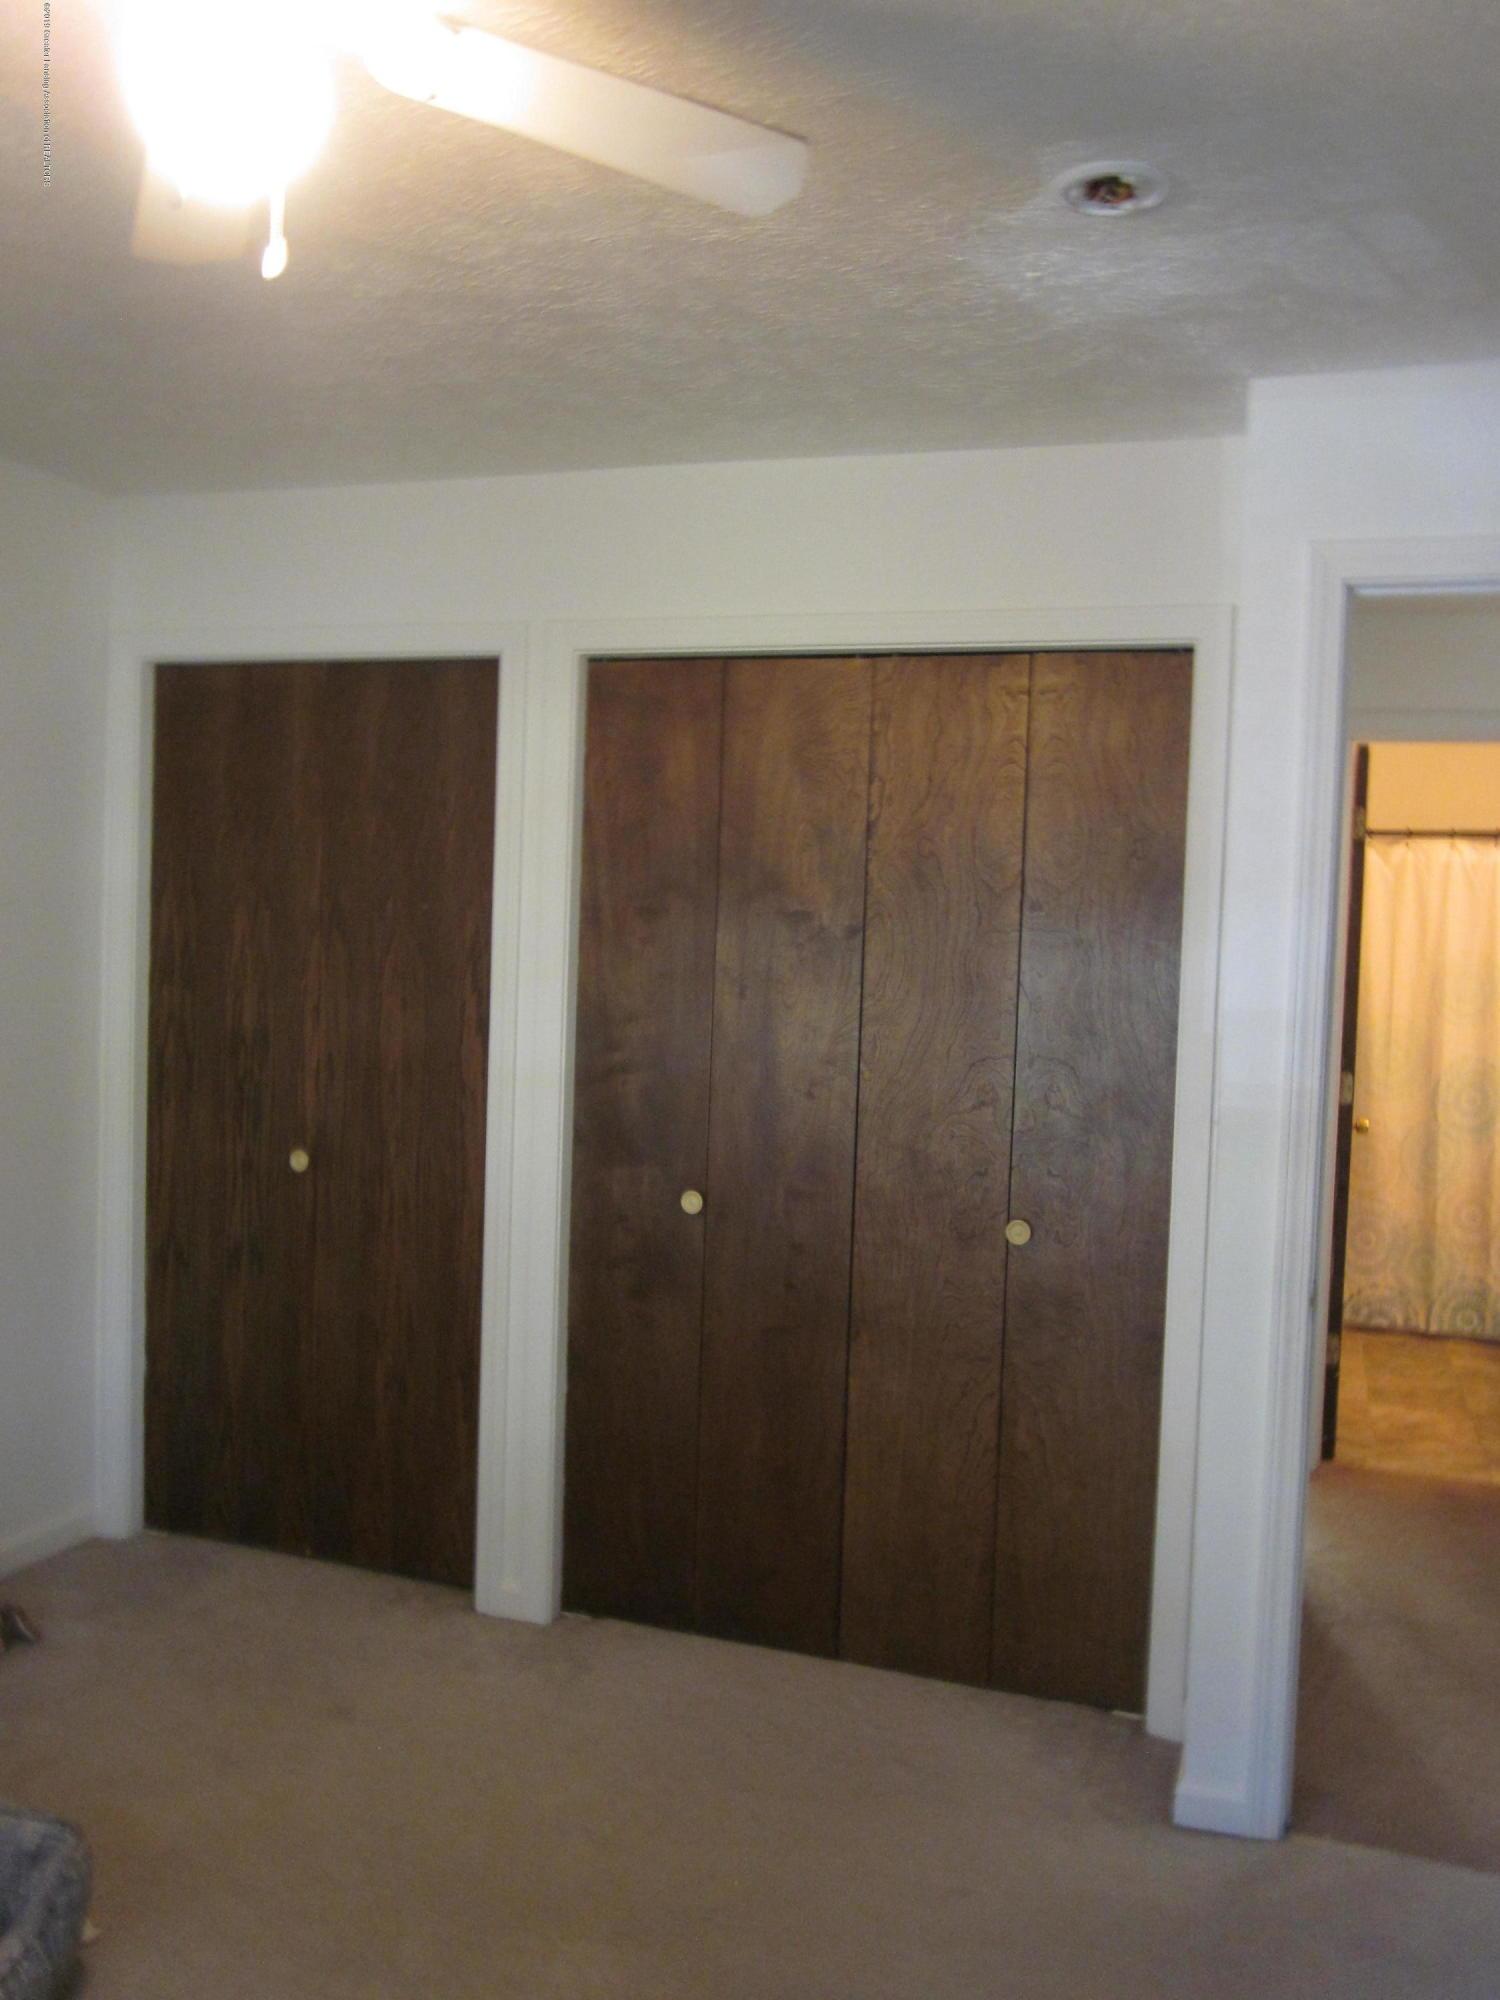 535 S Magnolia Ave - Closet - 11